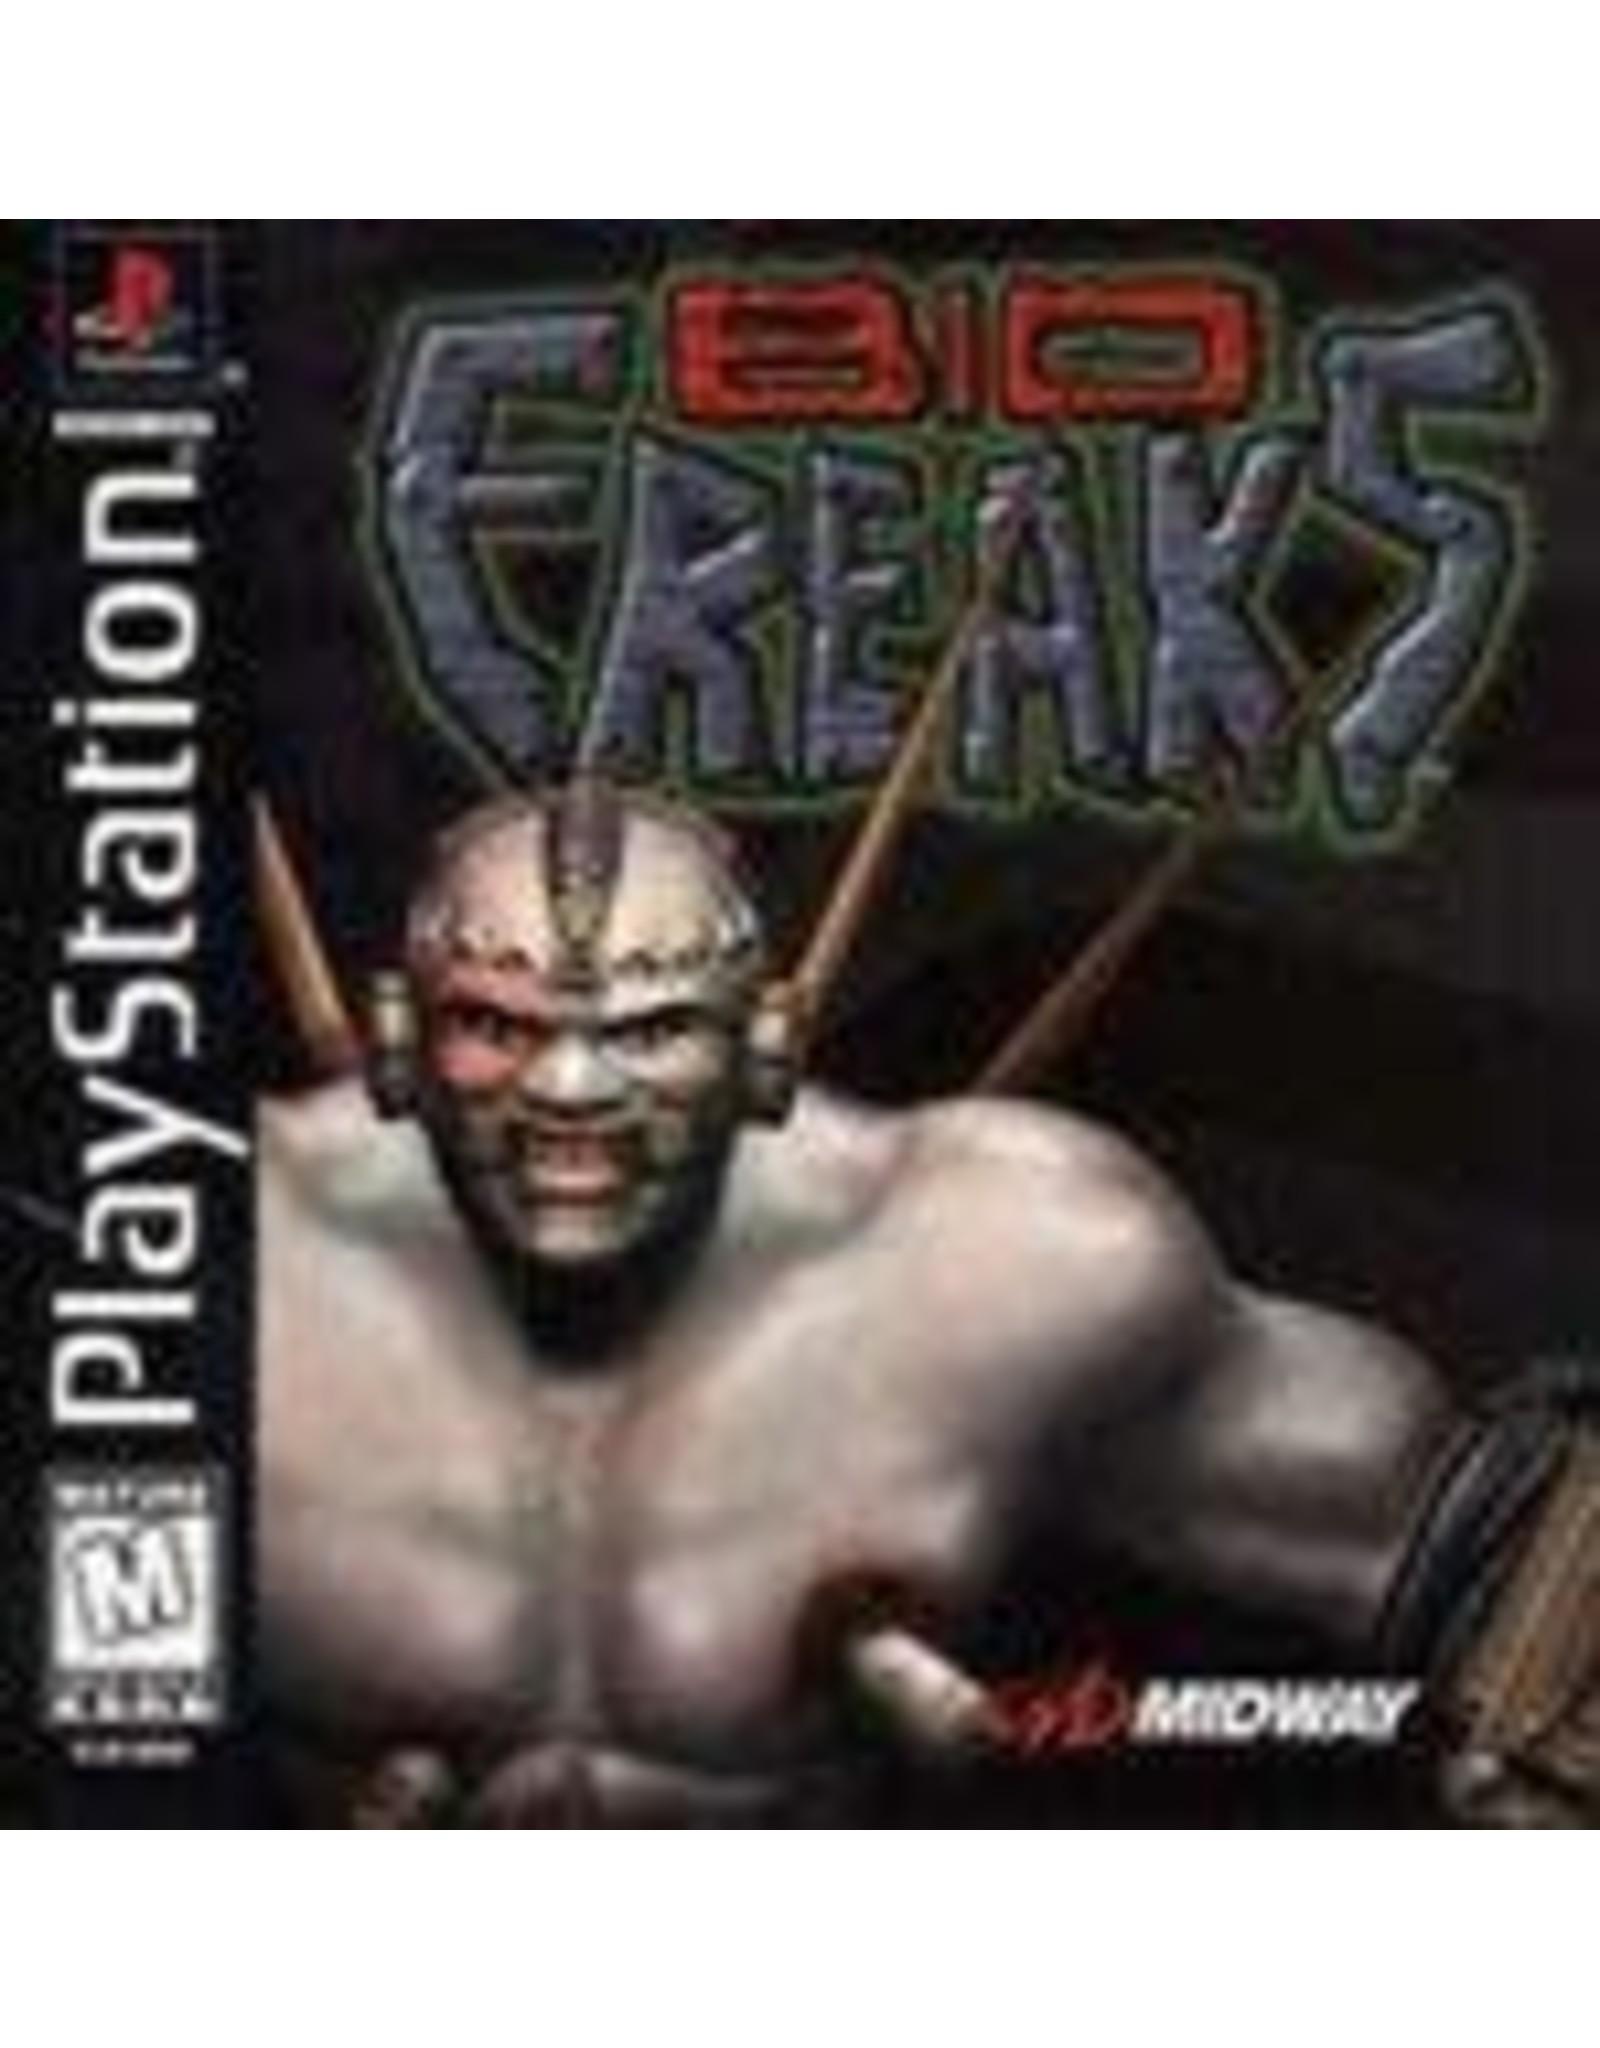 Playstation Bio freaks (CiB)